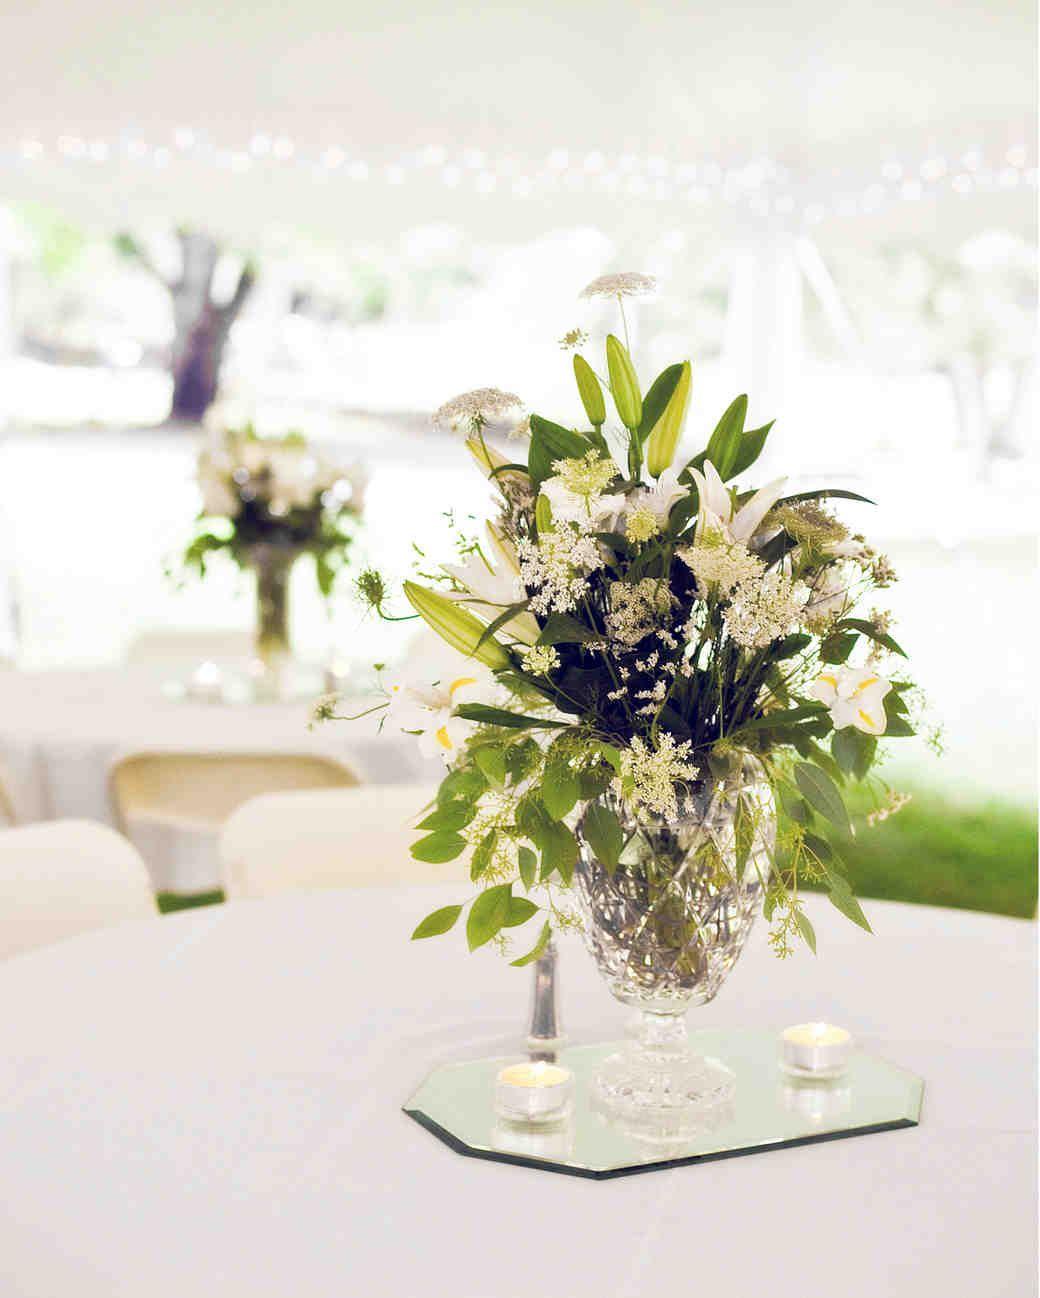 Elegant Centerpiece | Wedding Centerpieces | Pinterest | Wedding ...